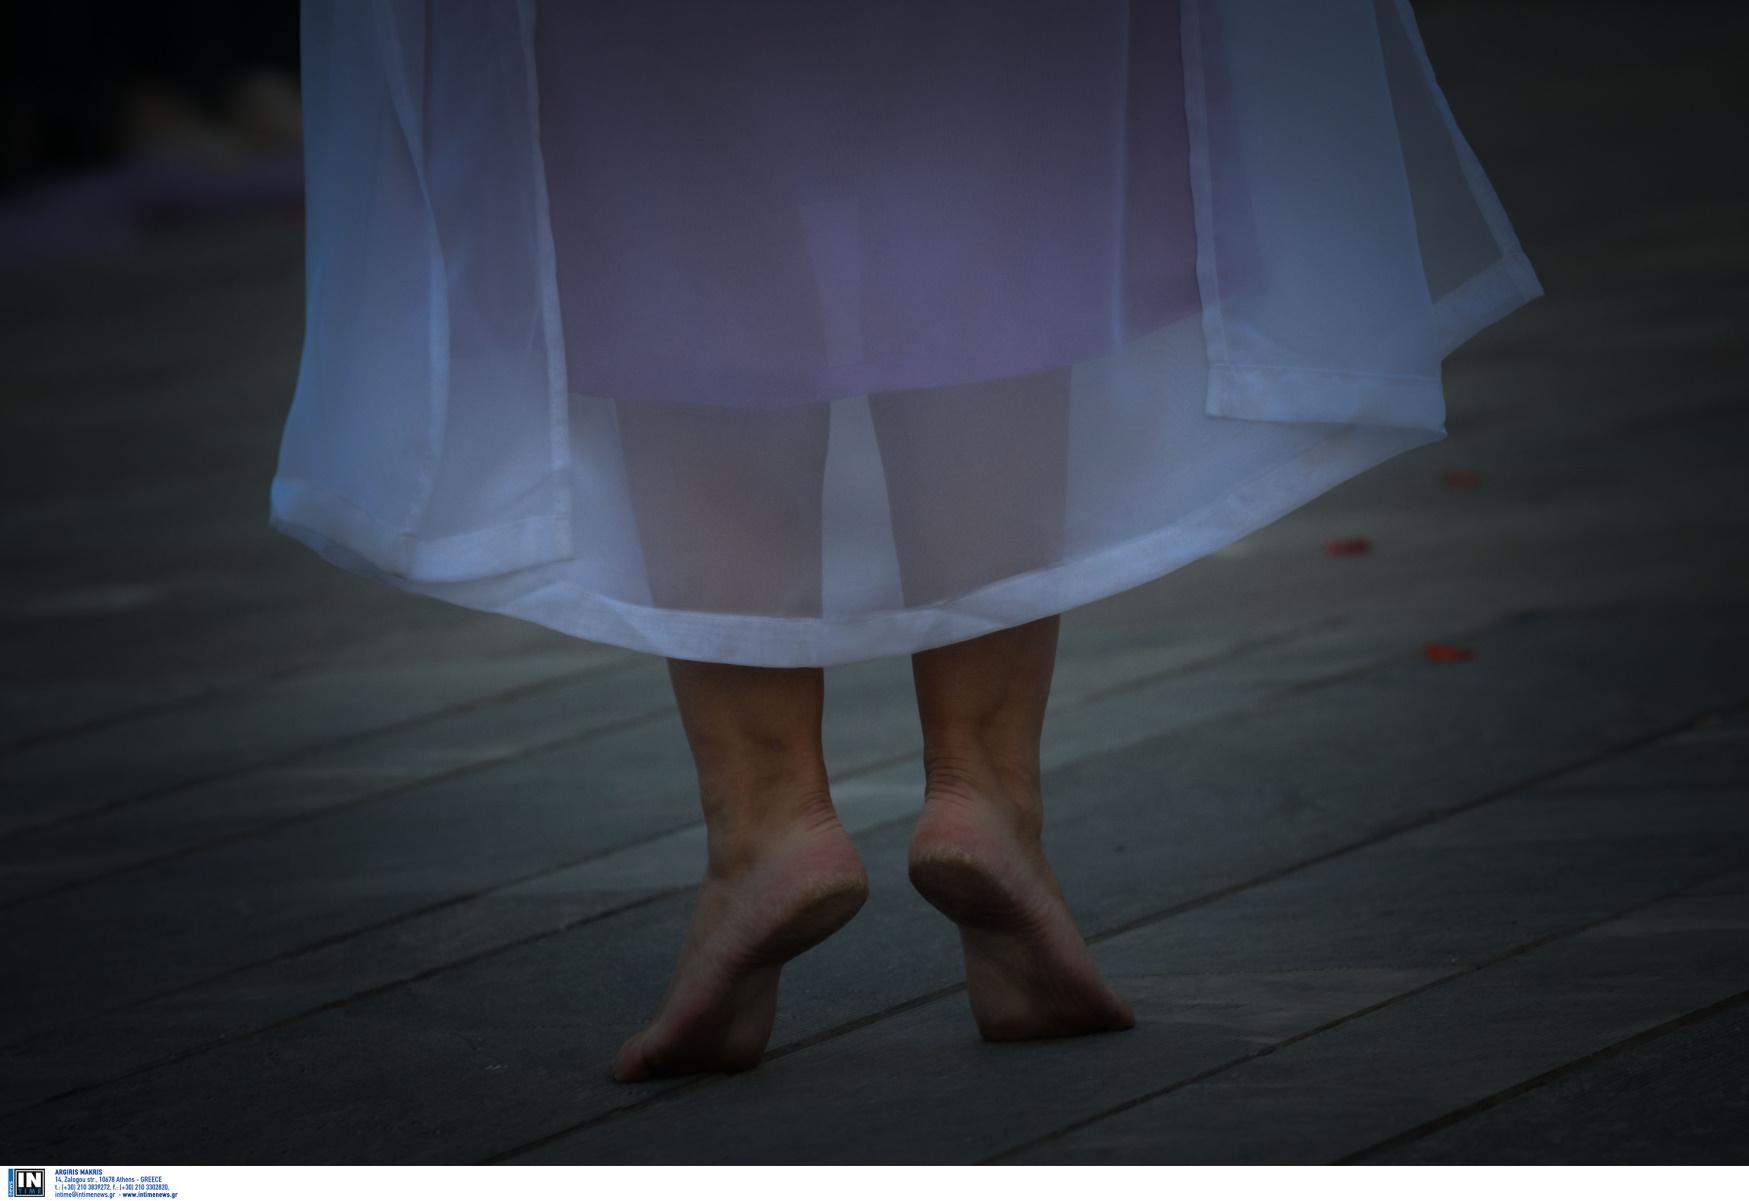 Κρήτη: Σε δίκη παραπέμπεται η ιδιοκτήτρια σχολής χορού για personal training σε πελάτες